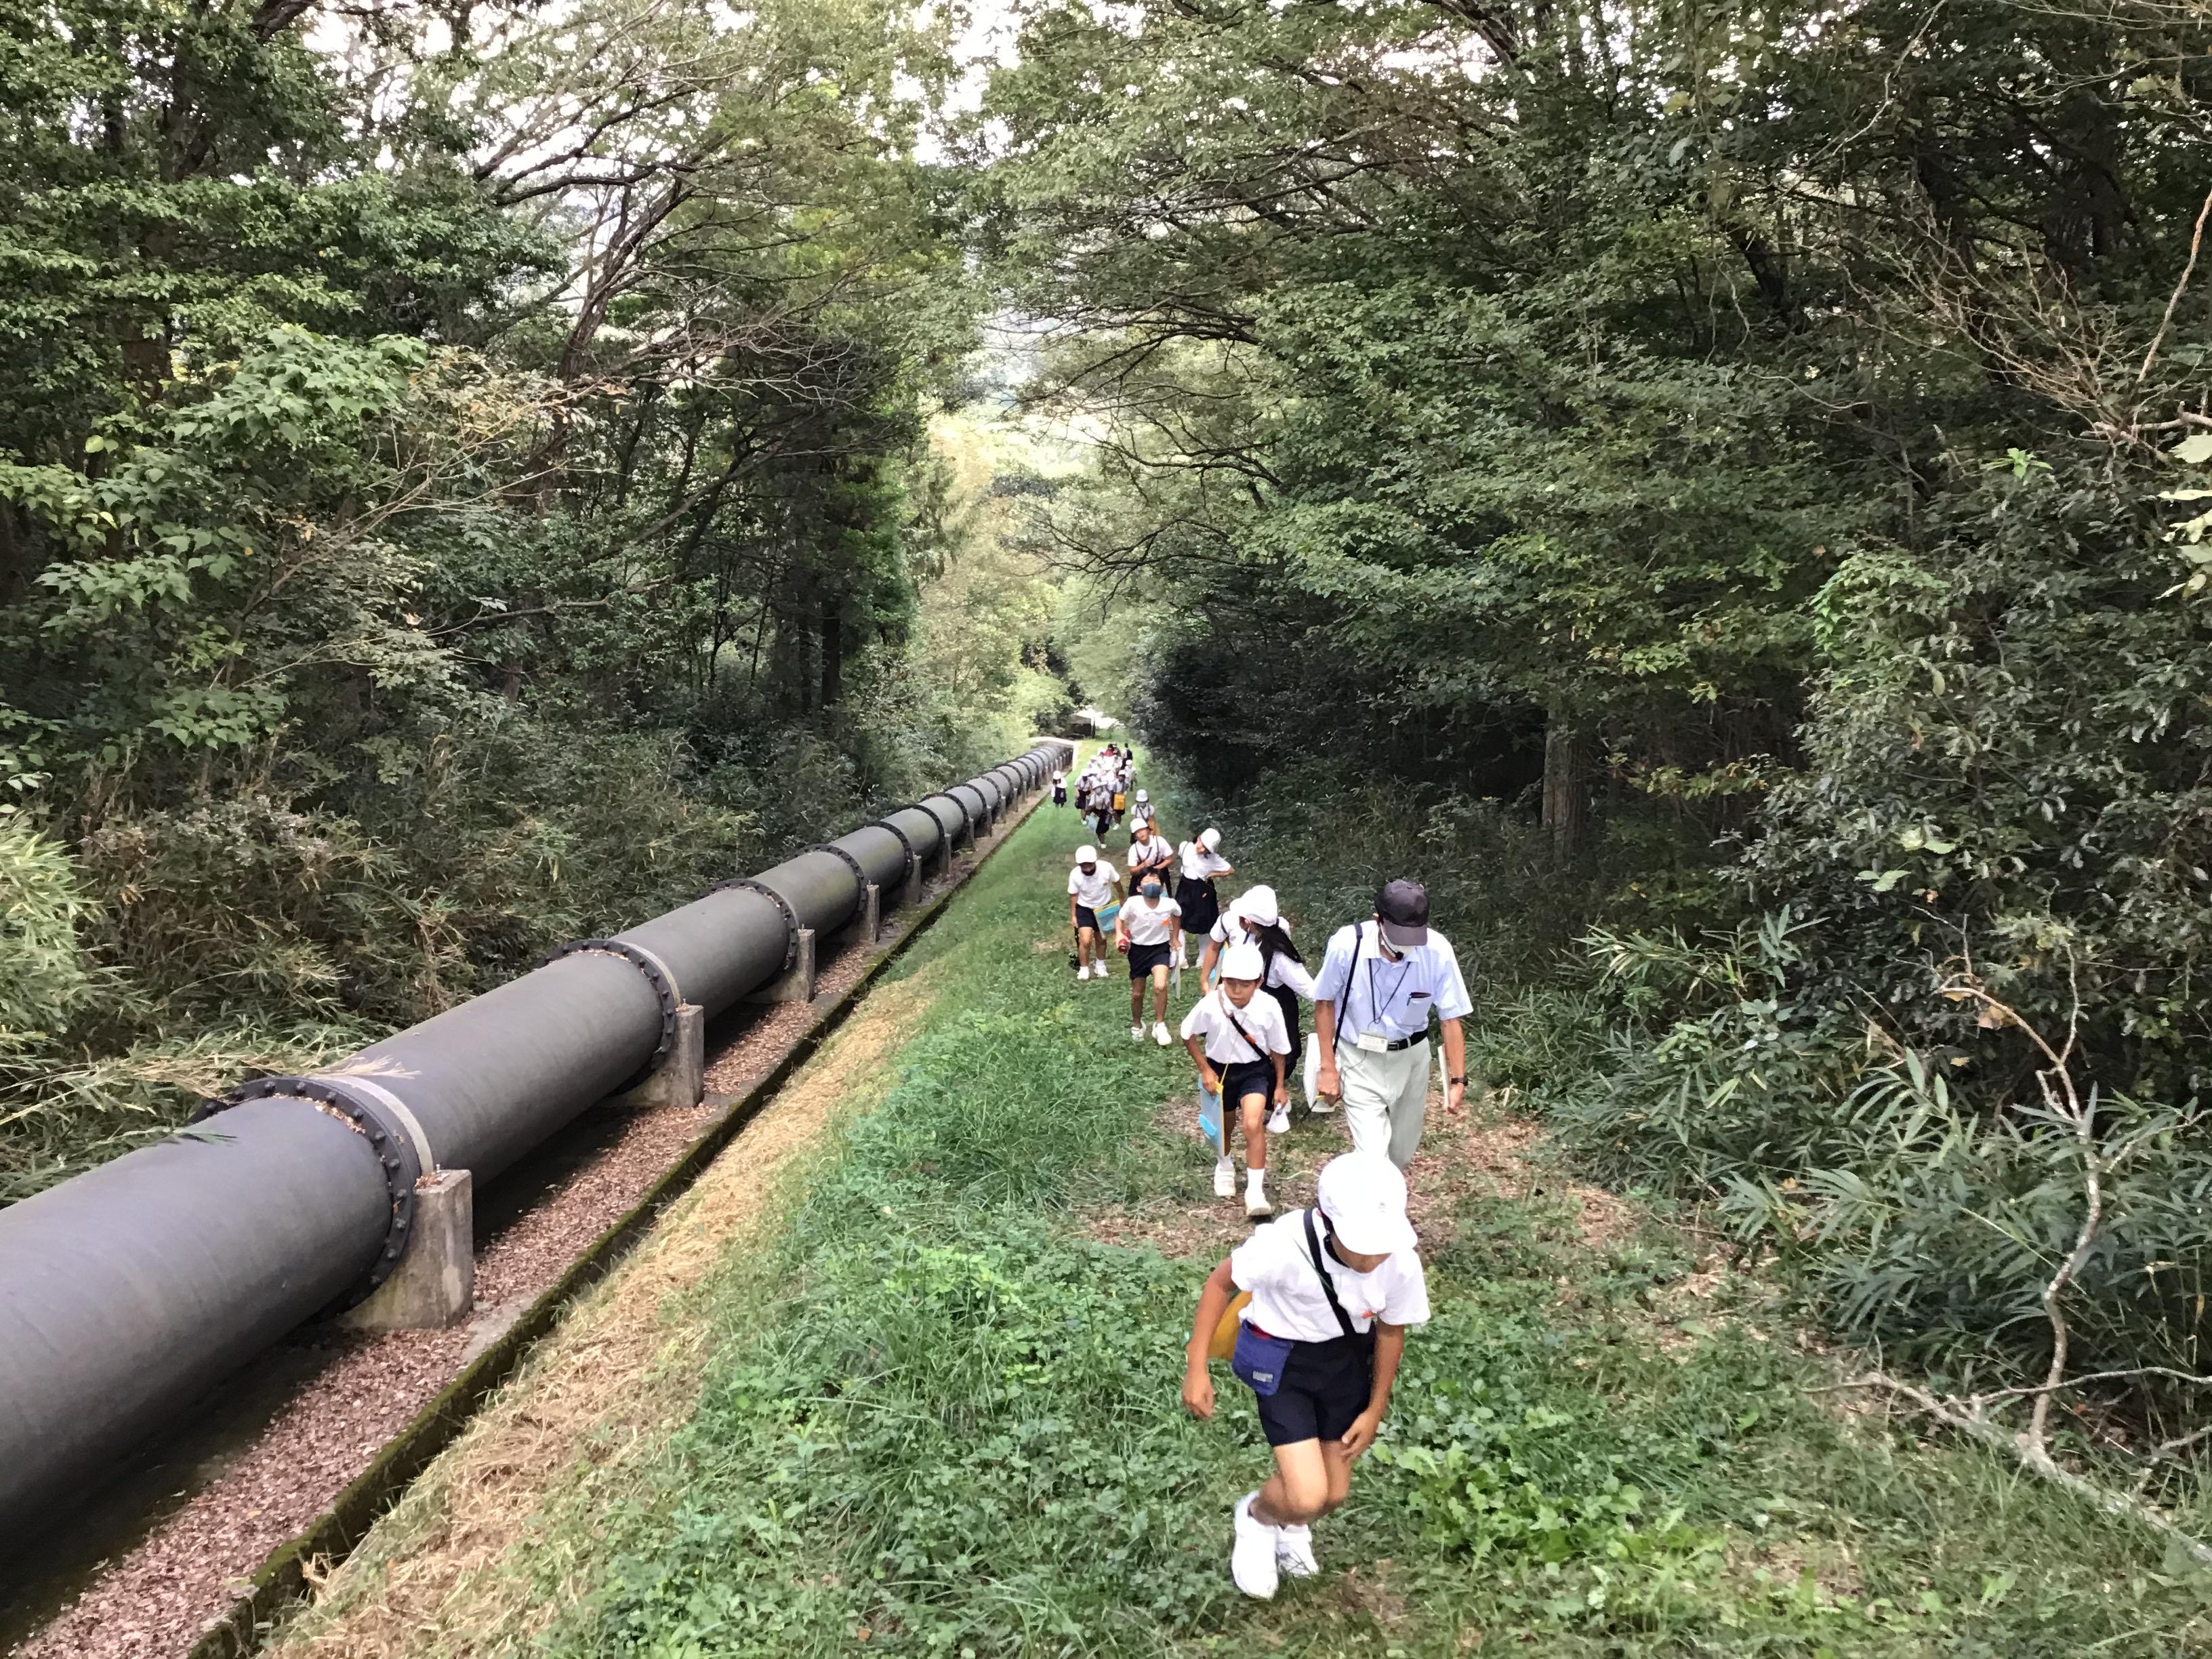 御坂サイフォンの水道管に沿って登ってくる児童たち。走っている子供も。無限の体力があるね。